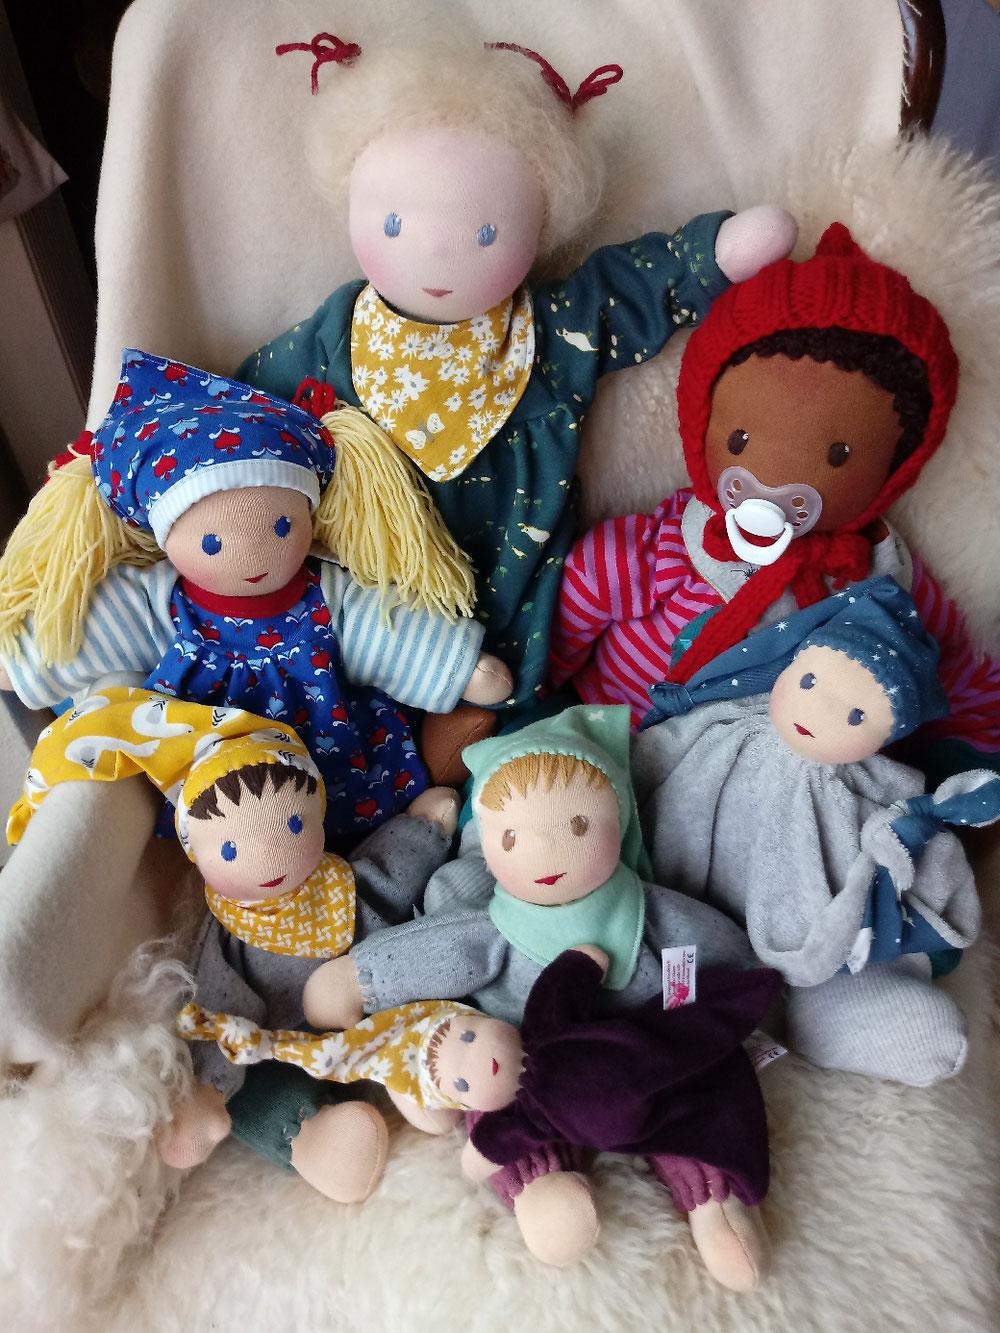 LebensArt Messe Deinste, Puppenhandwerk, Jennifer Kliem, ökologische Kinderpuppen, handgefertigt, Bio-Stoffpuppe, Waldorfart, individuelle Wunschpuppe passend zum Kind, bio-fair, ökofairliebt, Naturmaterial, Empowerment, genderneutral, unisex, Puppe